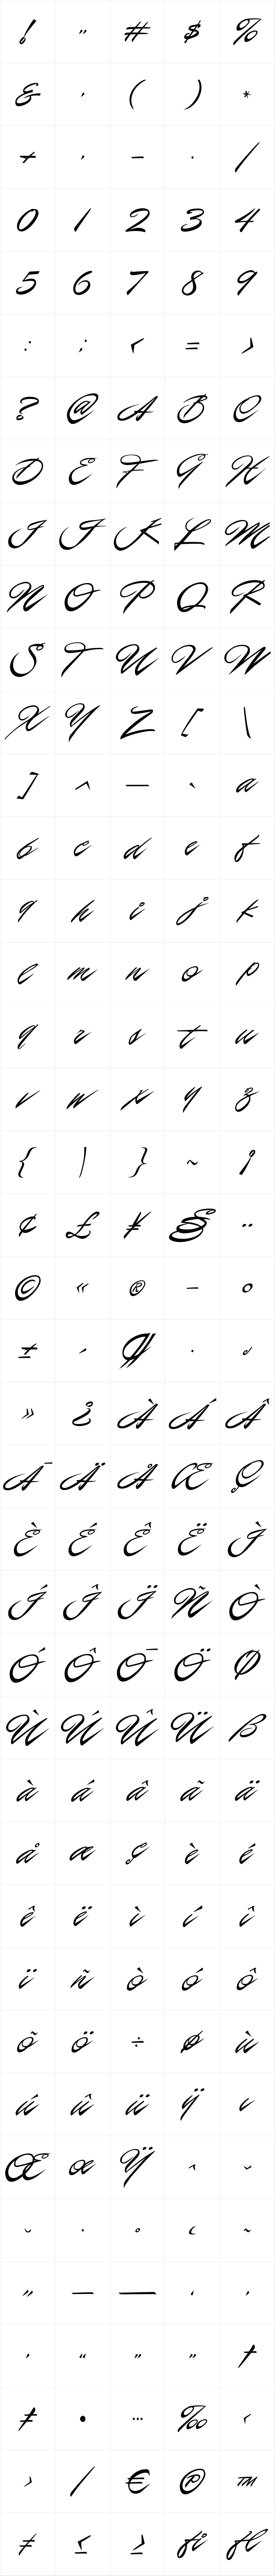 P22 Casual Script